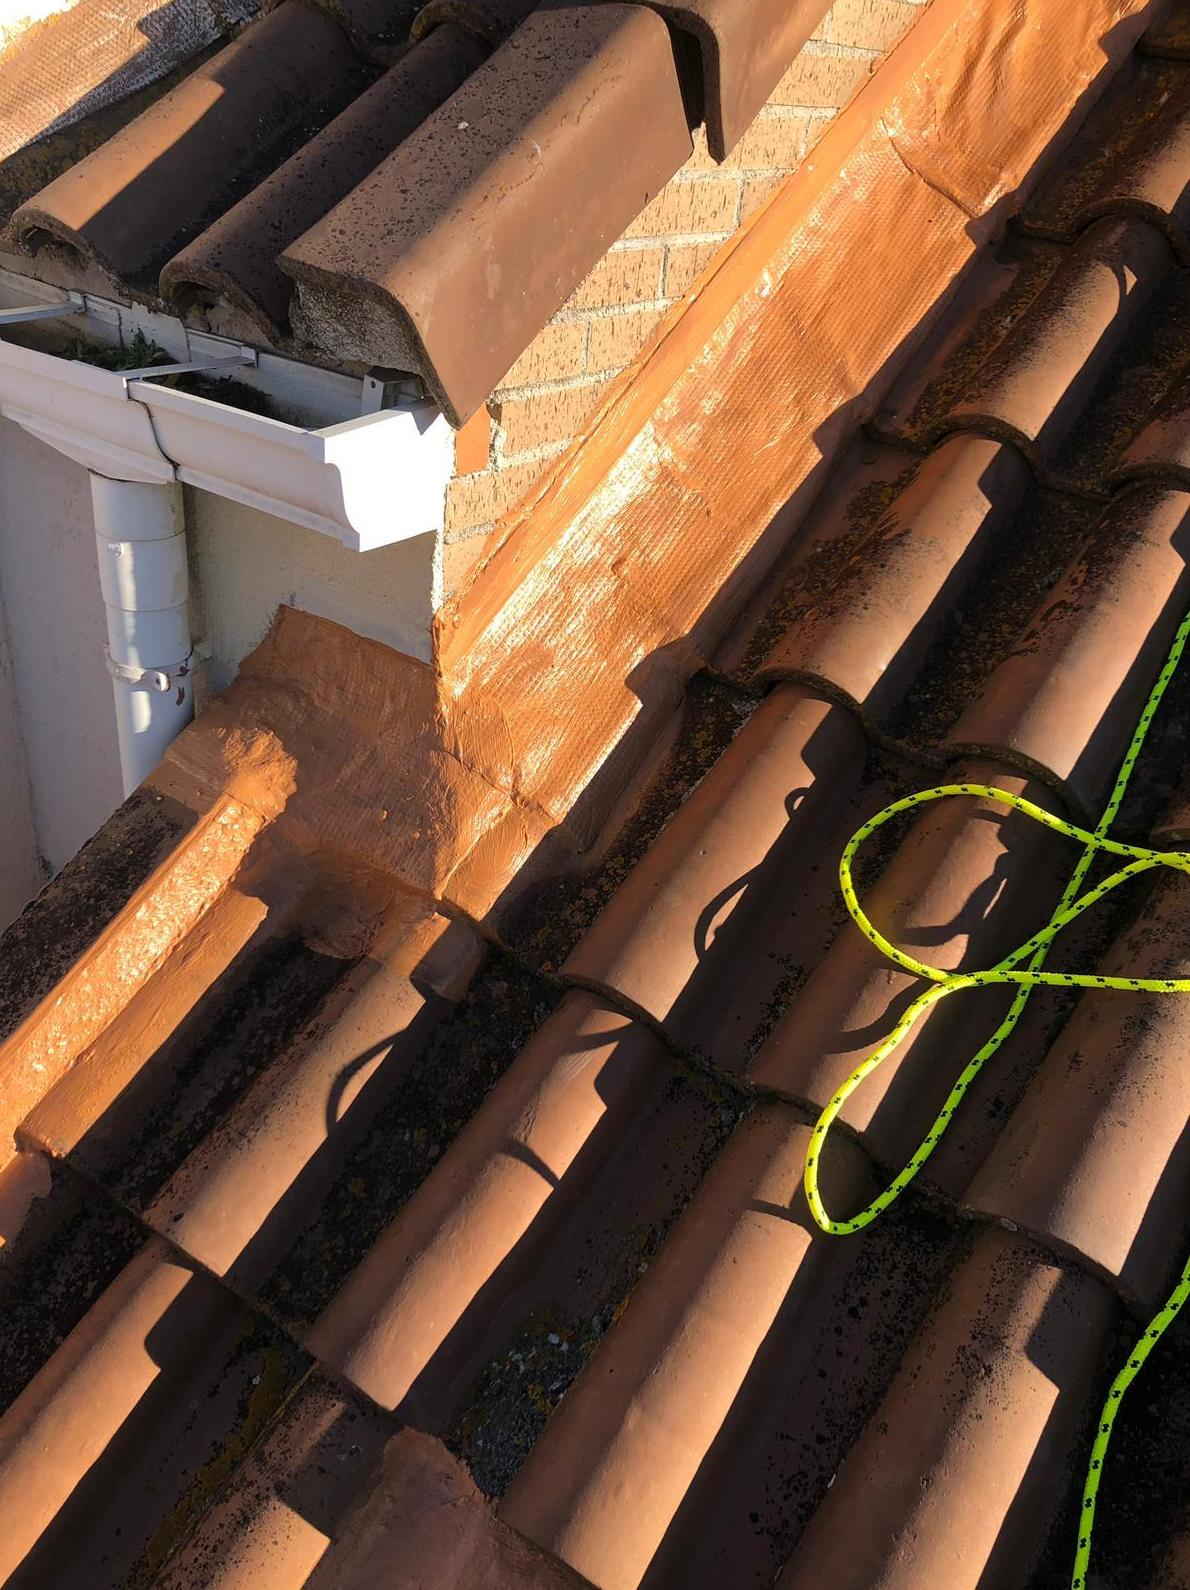 Cloro caucho tejado